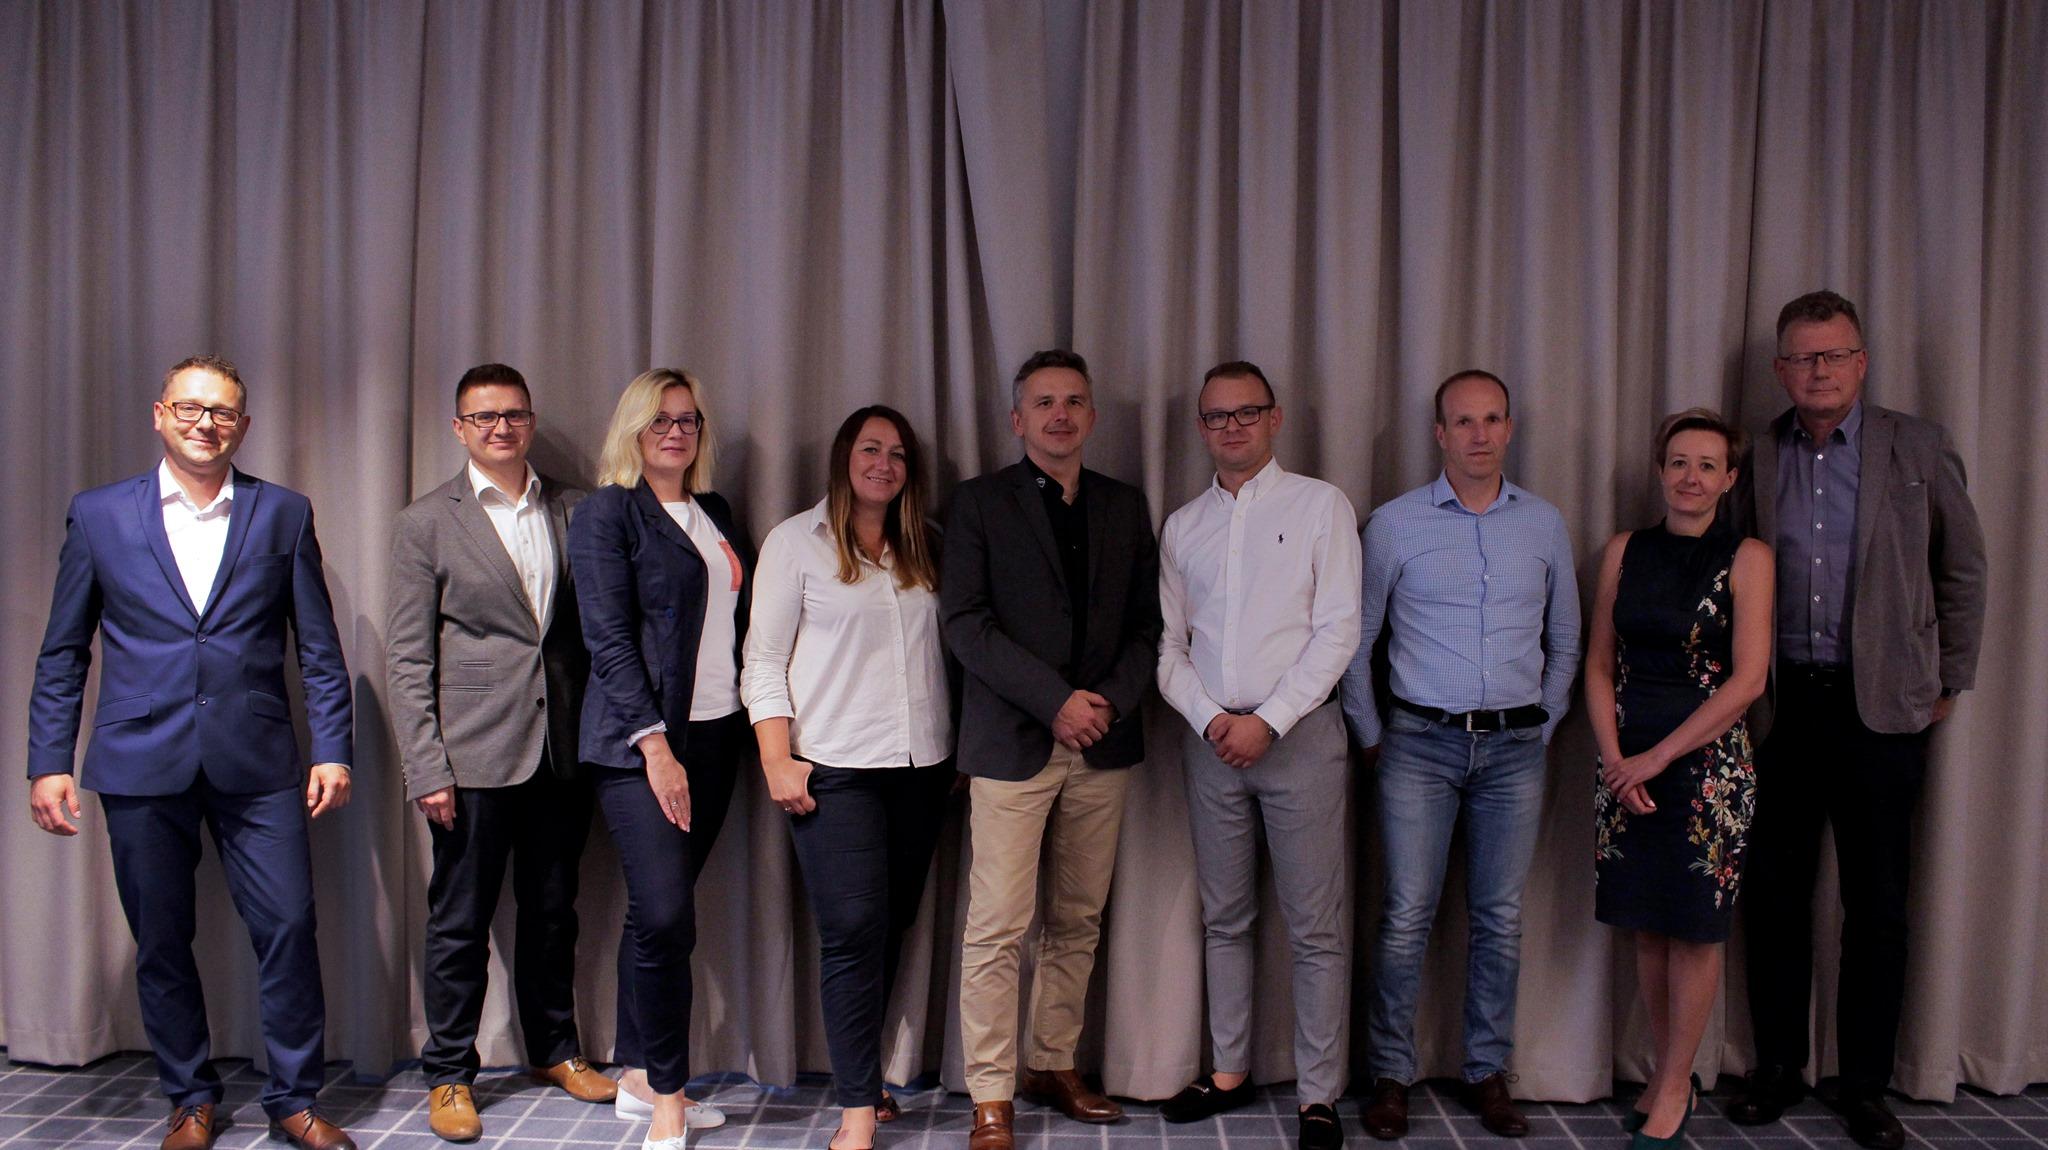 W dniu 3 lipca 2019 roku w Poznaniu odbyło się seminarium poświęcone Zintegrowanemu Systemowi Kwalifikacji. Seminarium zostało zorganizowane na wniosek OSFIS